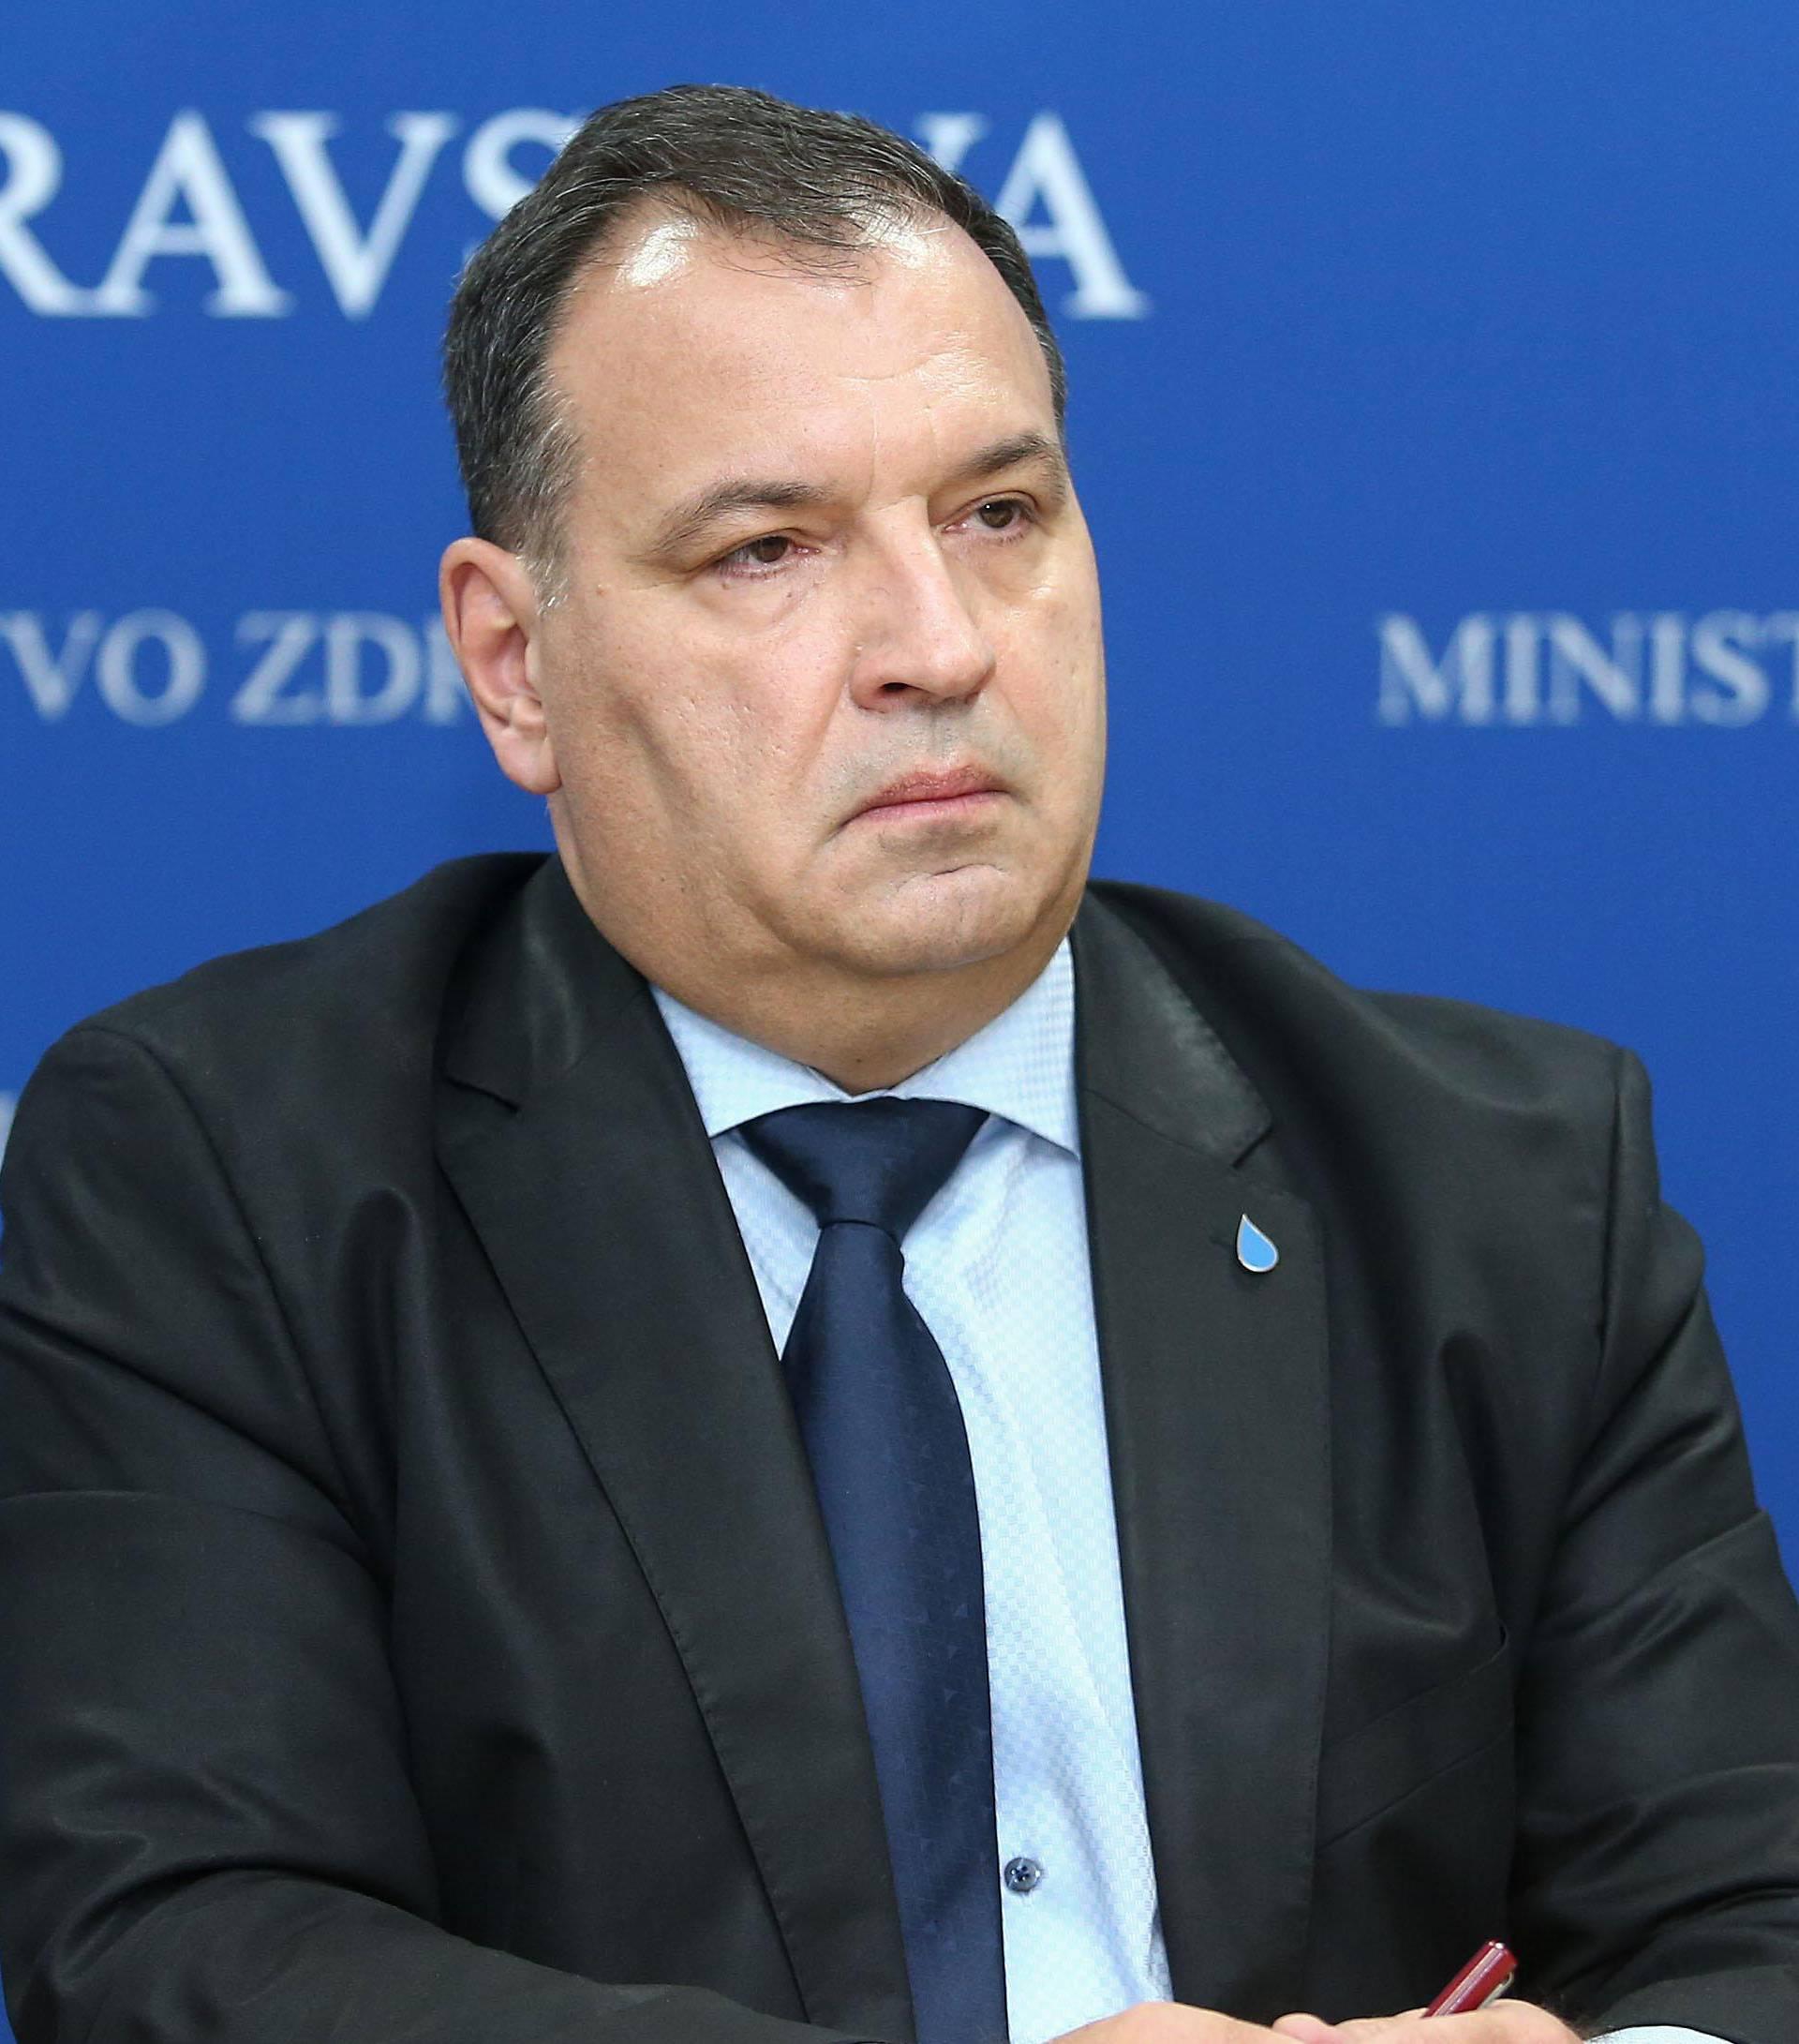 Zagreb: Predstavljene mjere prevencije širenja koronavirusa